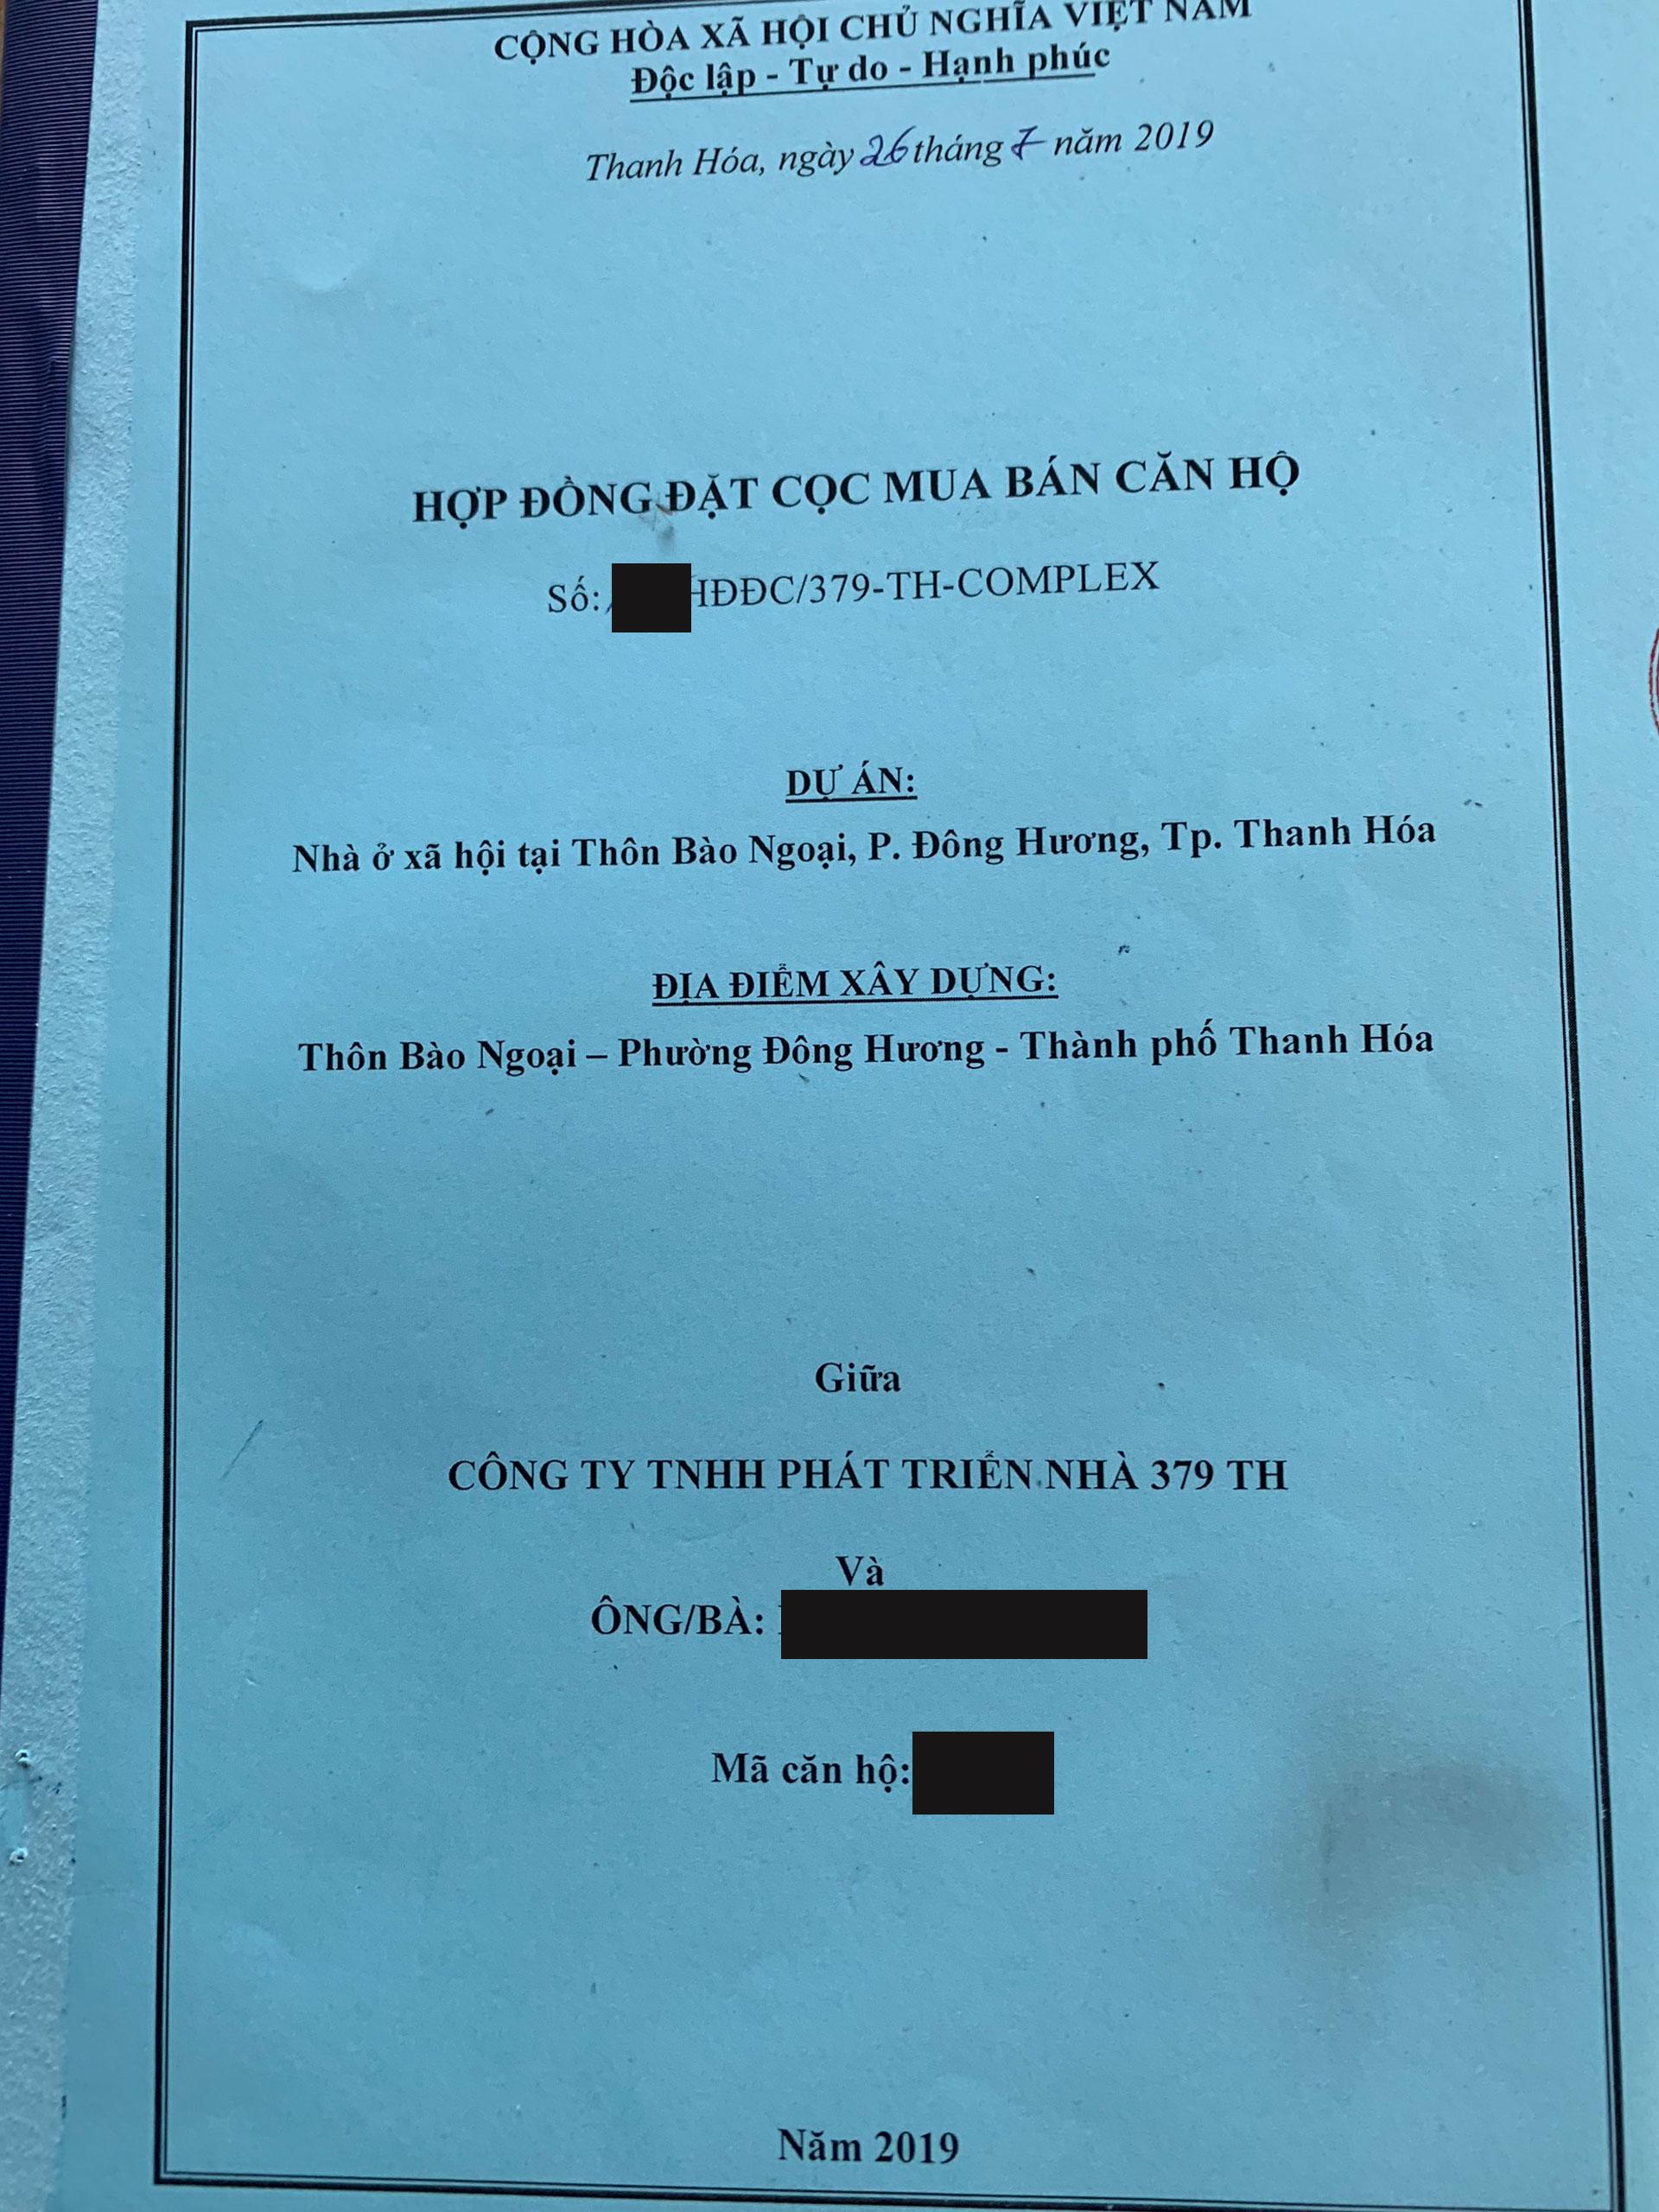 Sốt ruột chờ đợi hợp đồng mua bán dự án nhà ở xã hội 379 Thanh Hóa - ảnh 1